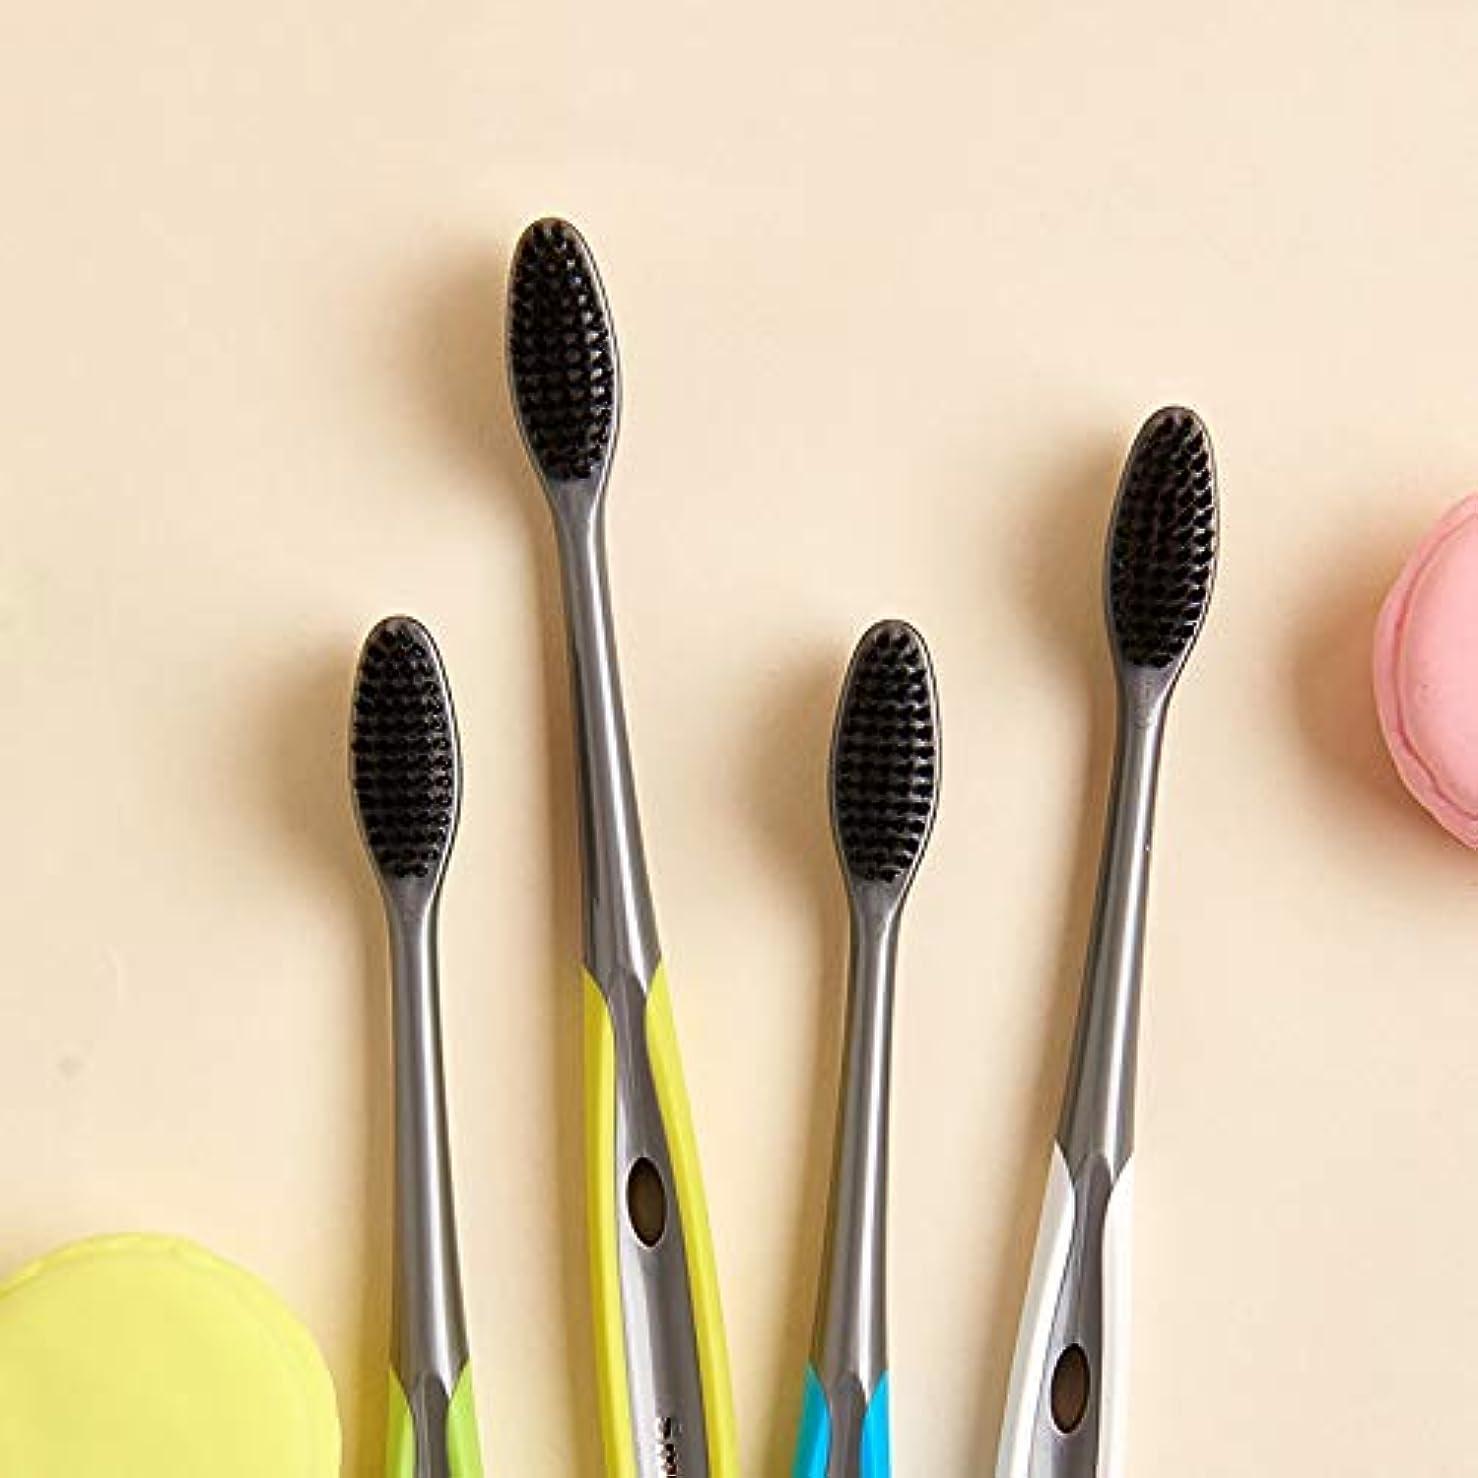 消費者鮫廃棄する歯ブラシ 竹炭歯ブラシ、口腔衛生歯ブラシ、バルク歯ブラシ - 10パック KHL (サイズ : 10 packs)